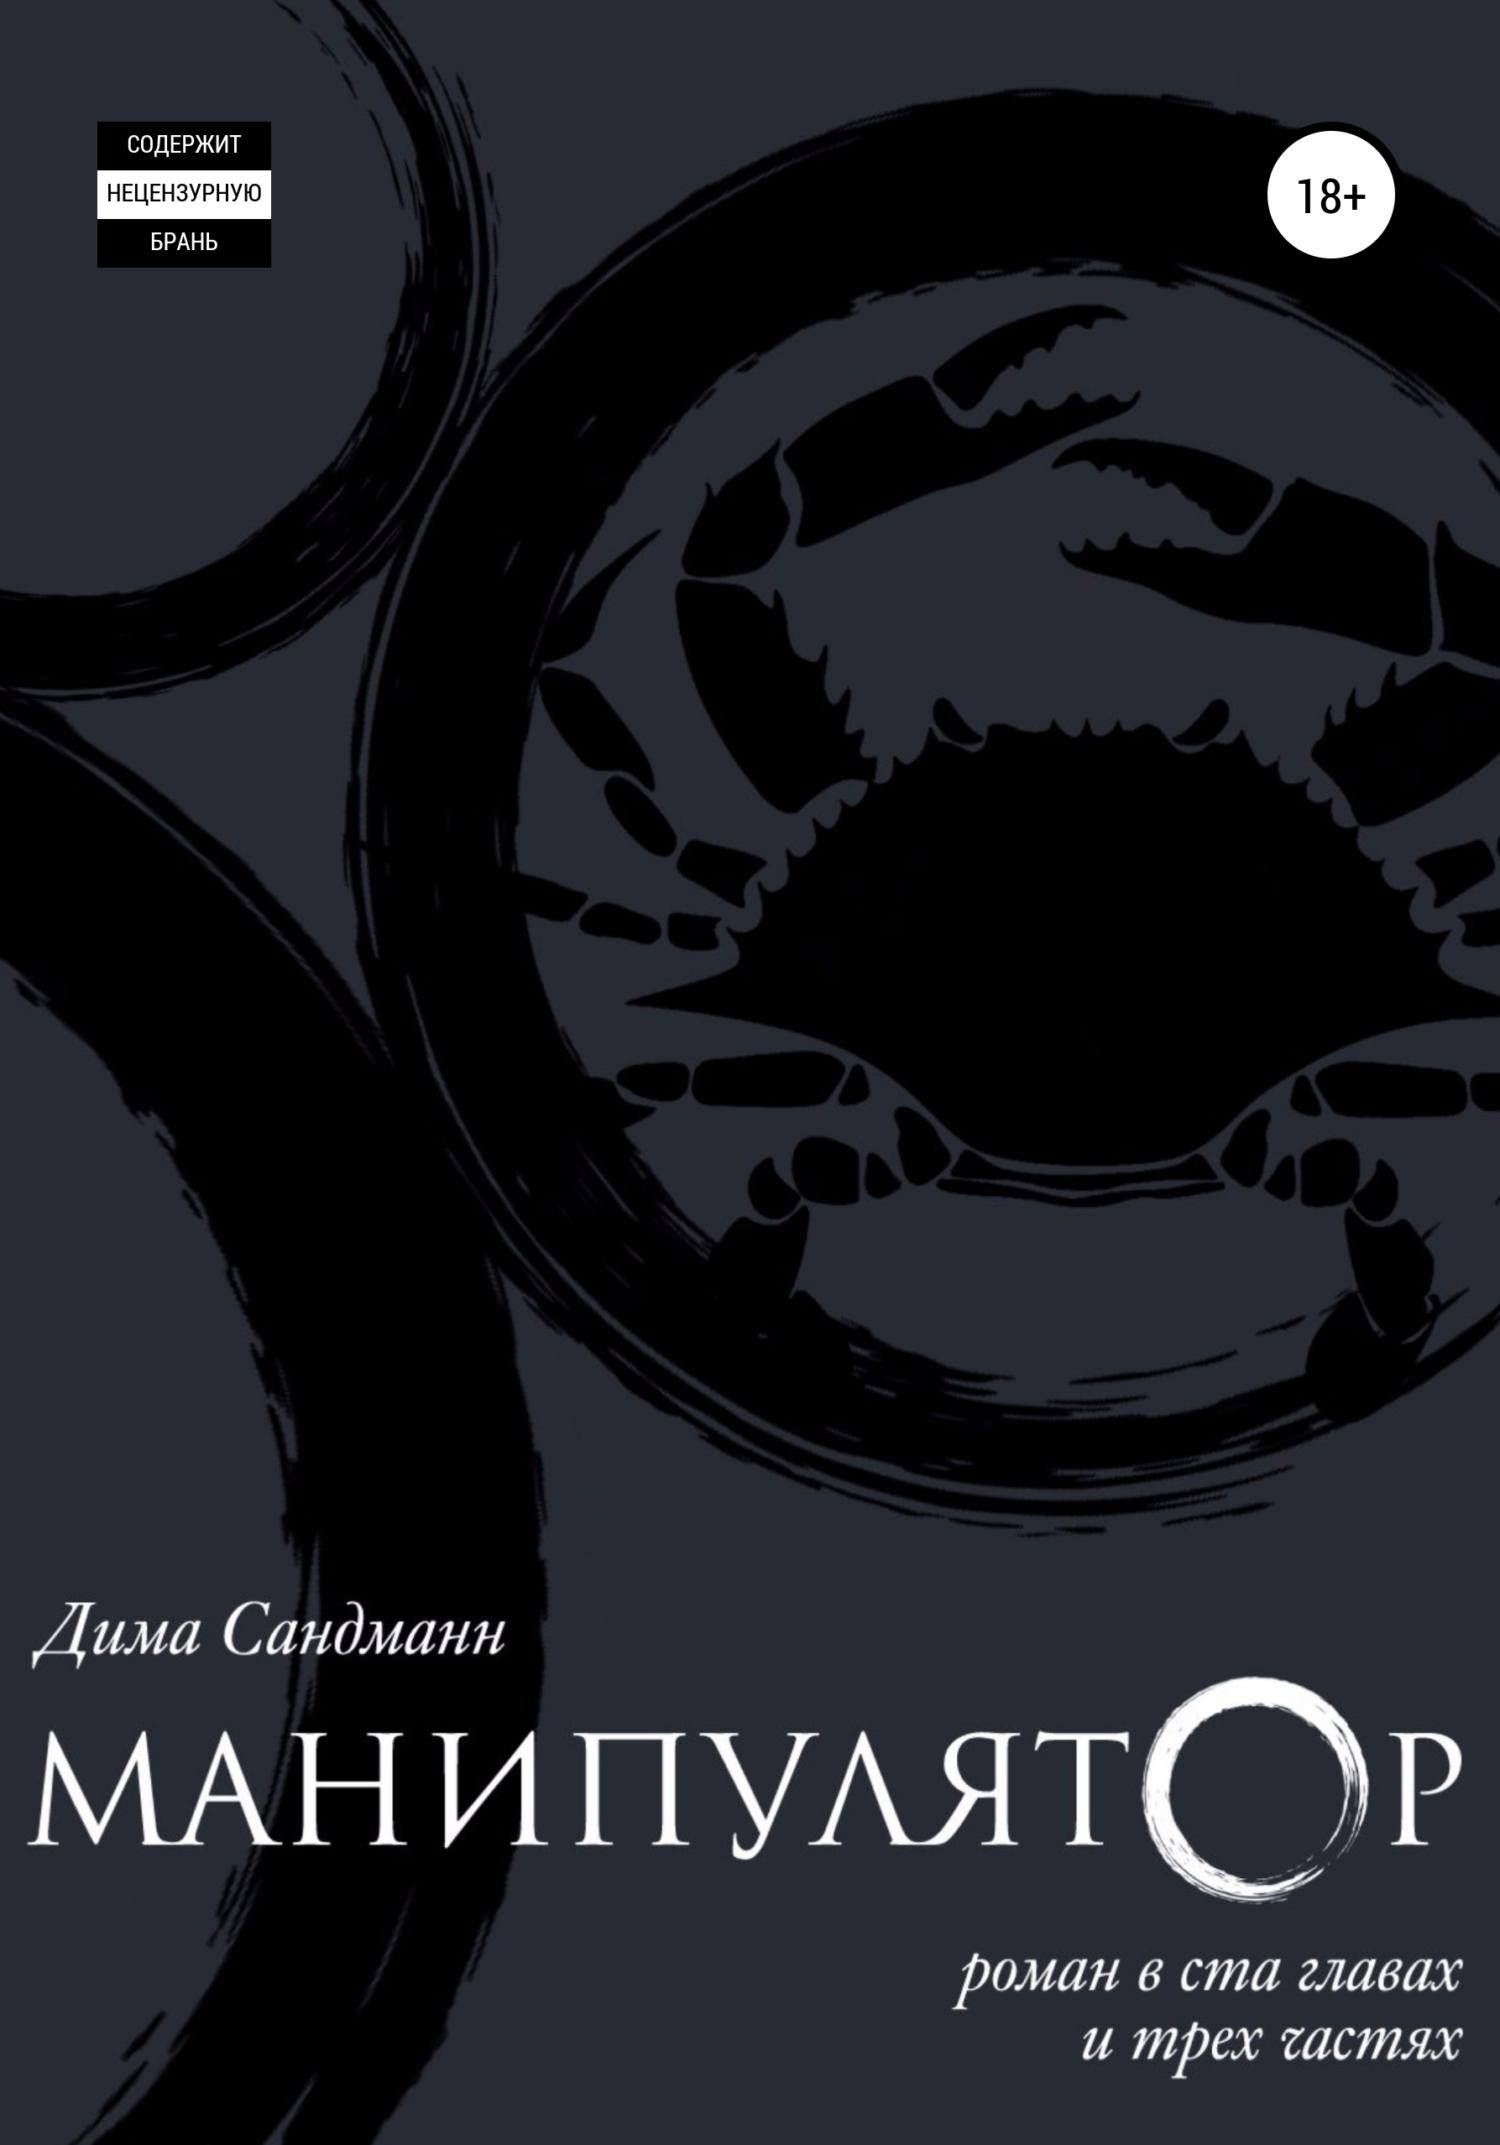 Дима Сандманн Манипулятор. Глава 058 дима сандманн манипулятор глава 009